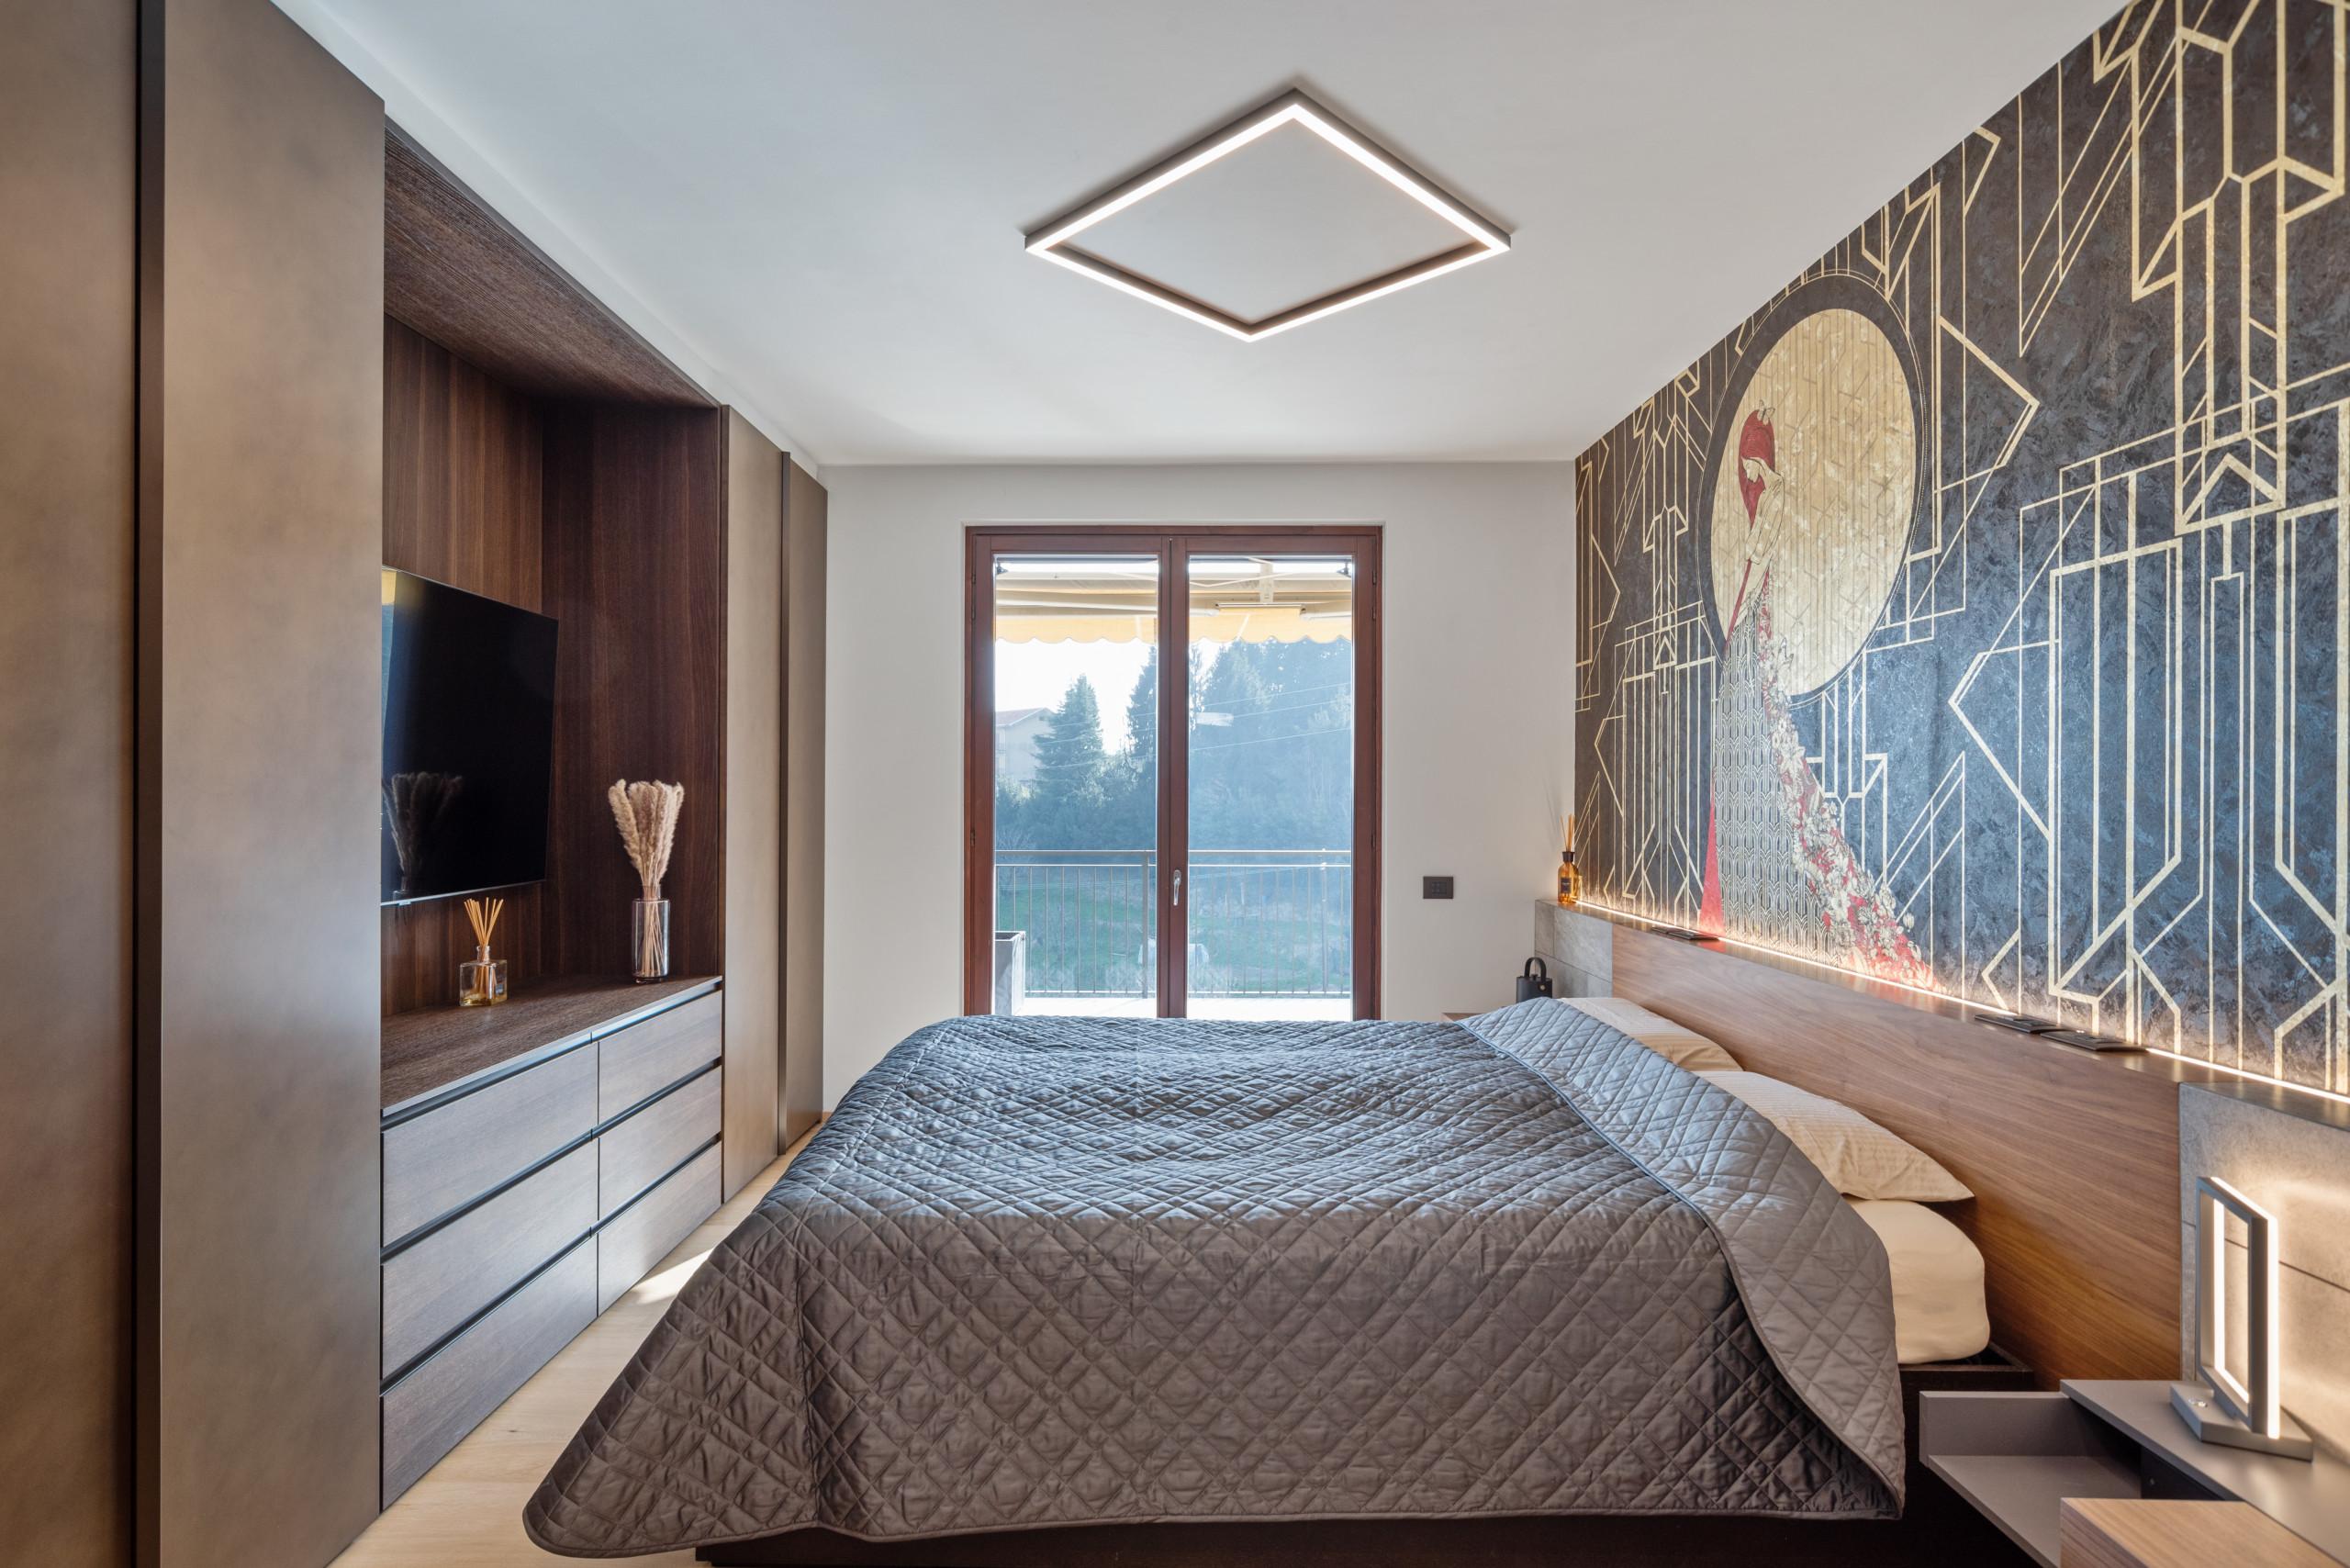 Villa OL   300mq   Ristrutturazione completa